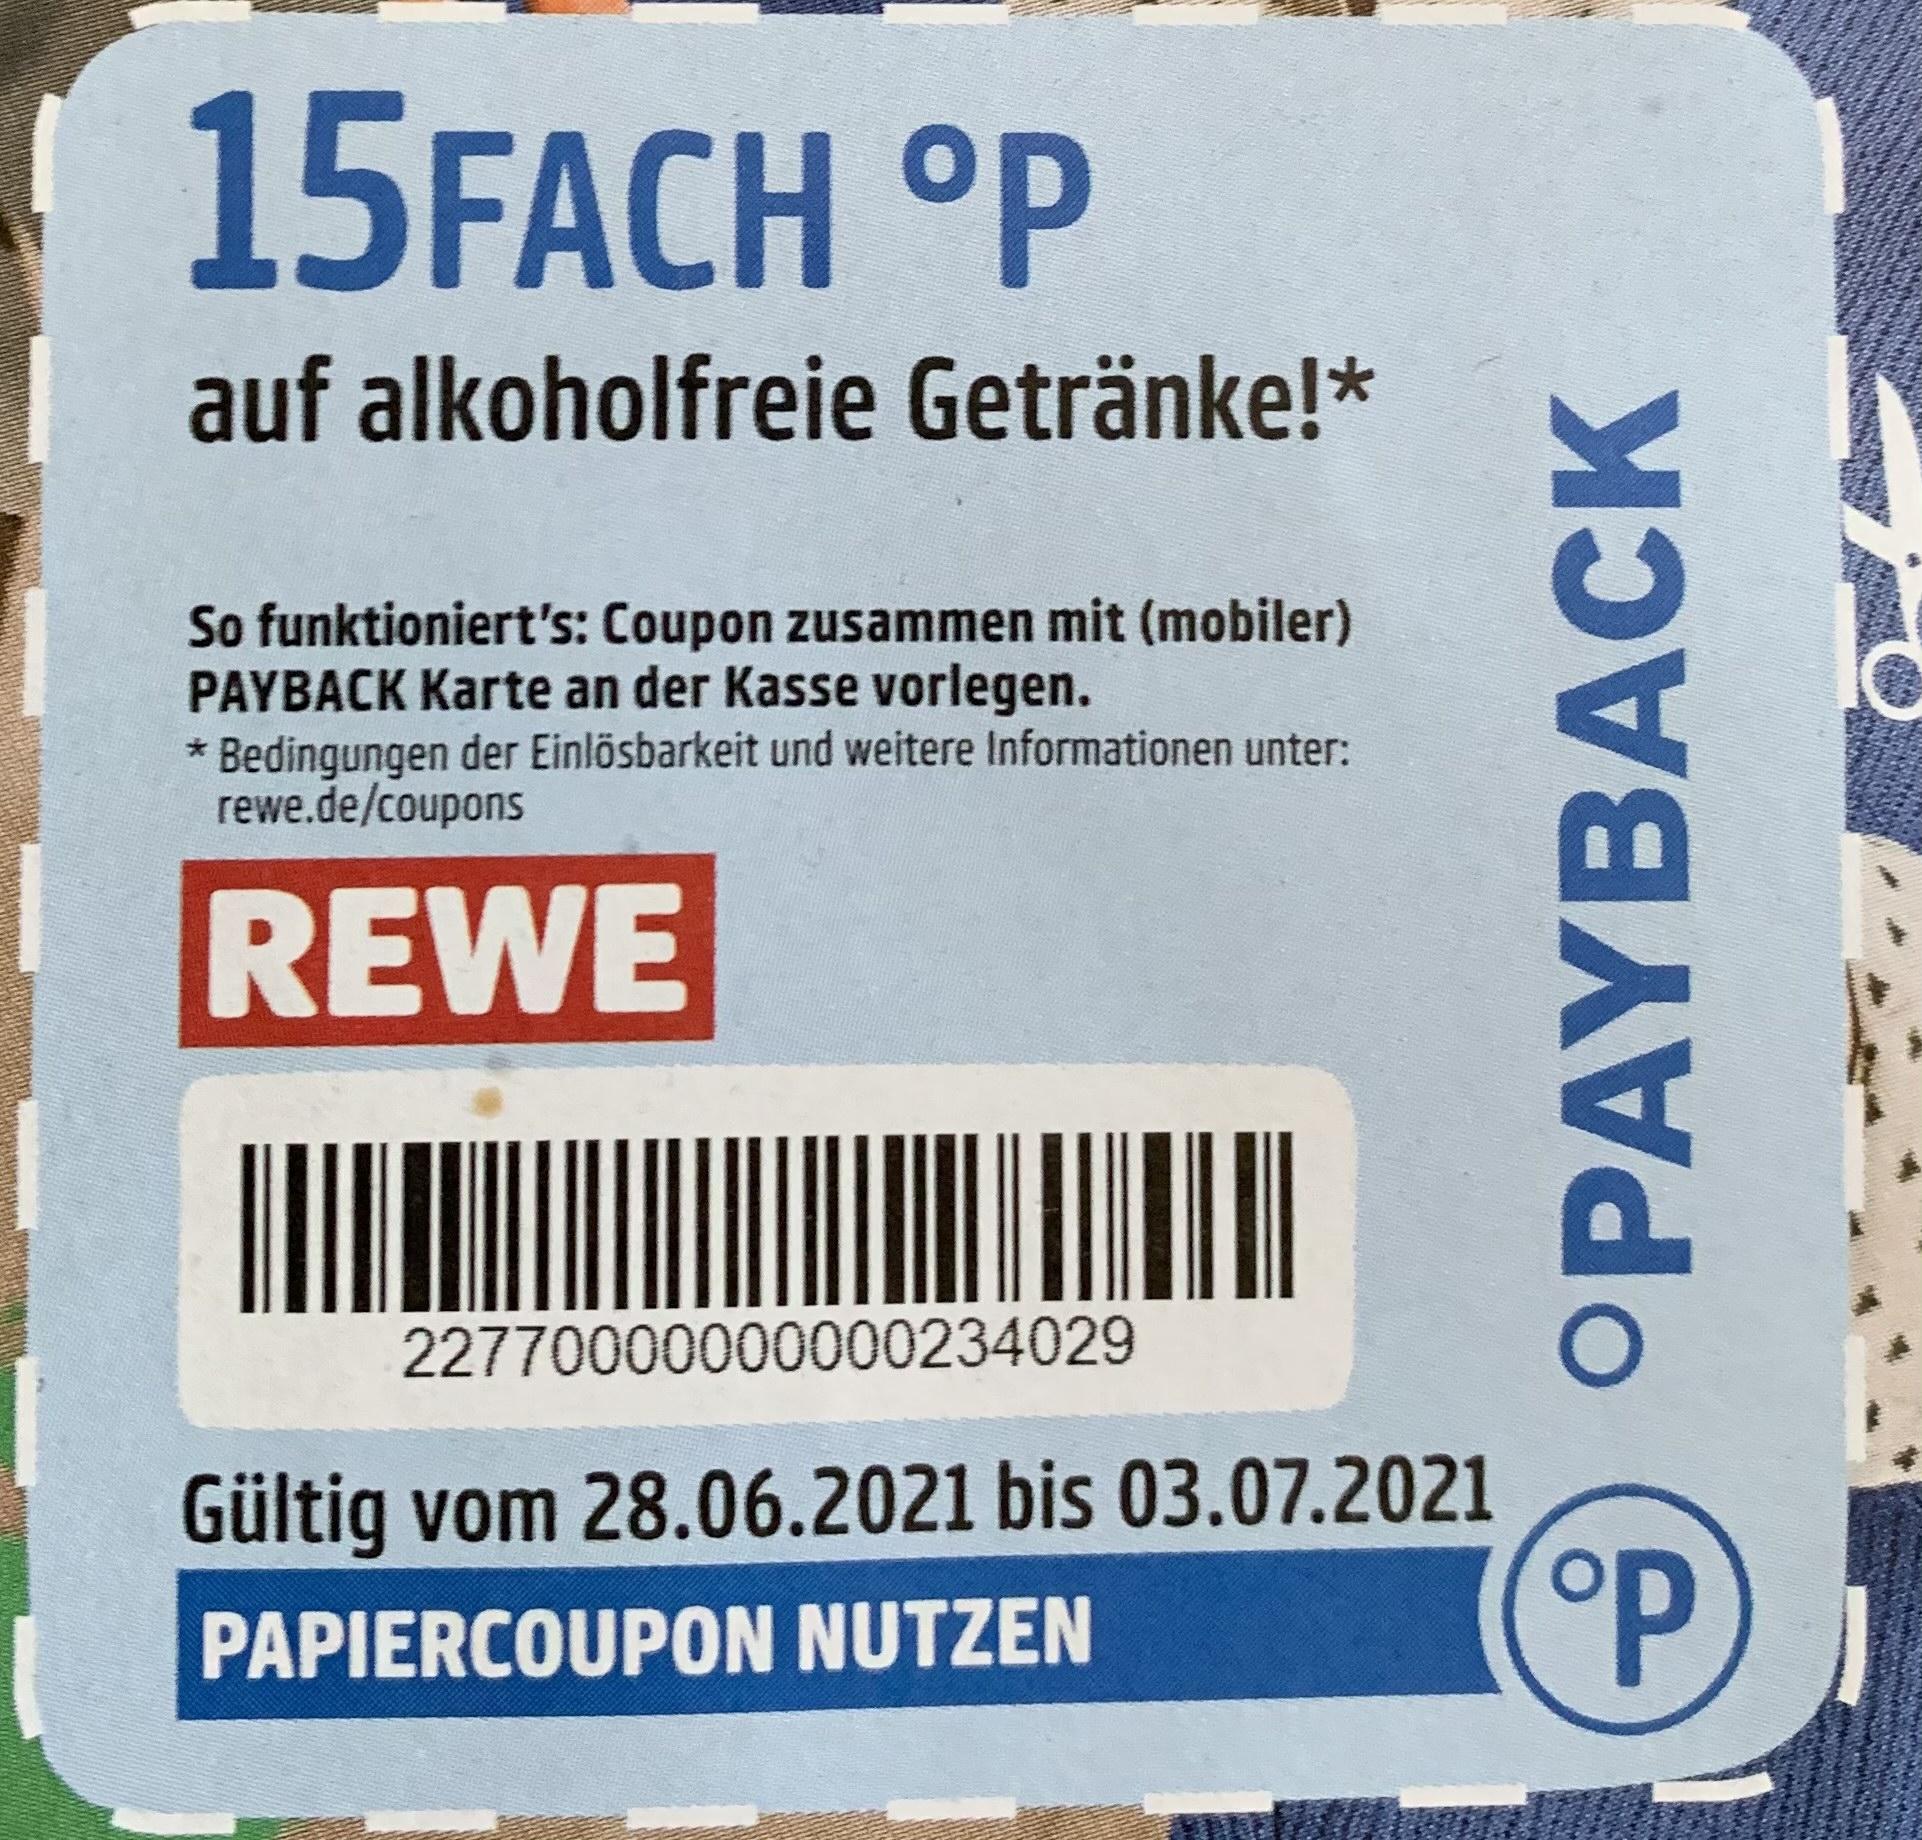 Rewe Deals [Payback] 15 fach Punkte auf alkoholfreie Getränke, bis zu 40fach Punkte auf Wasser